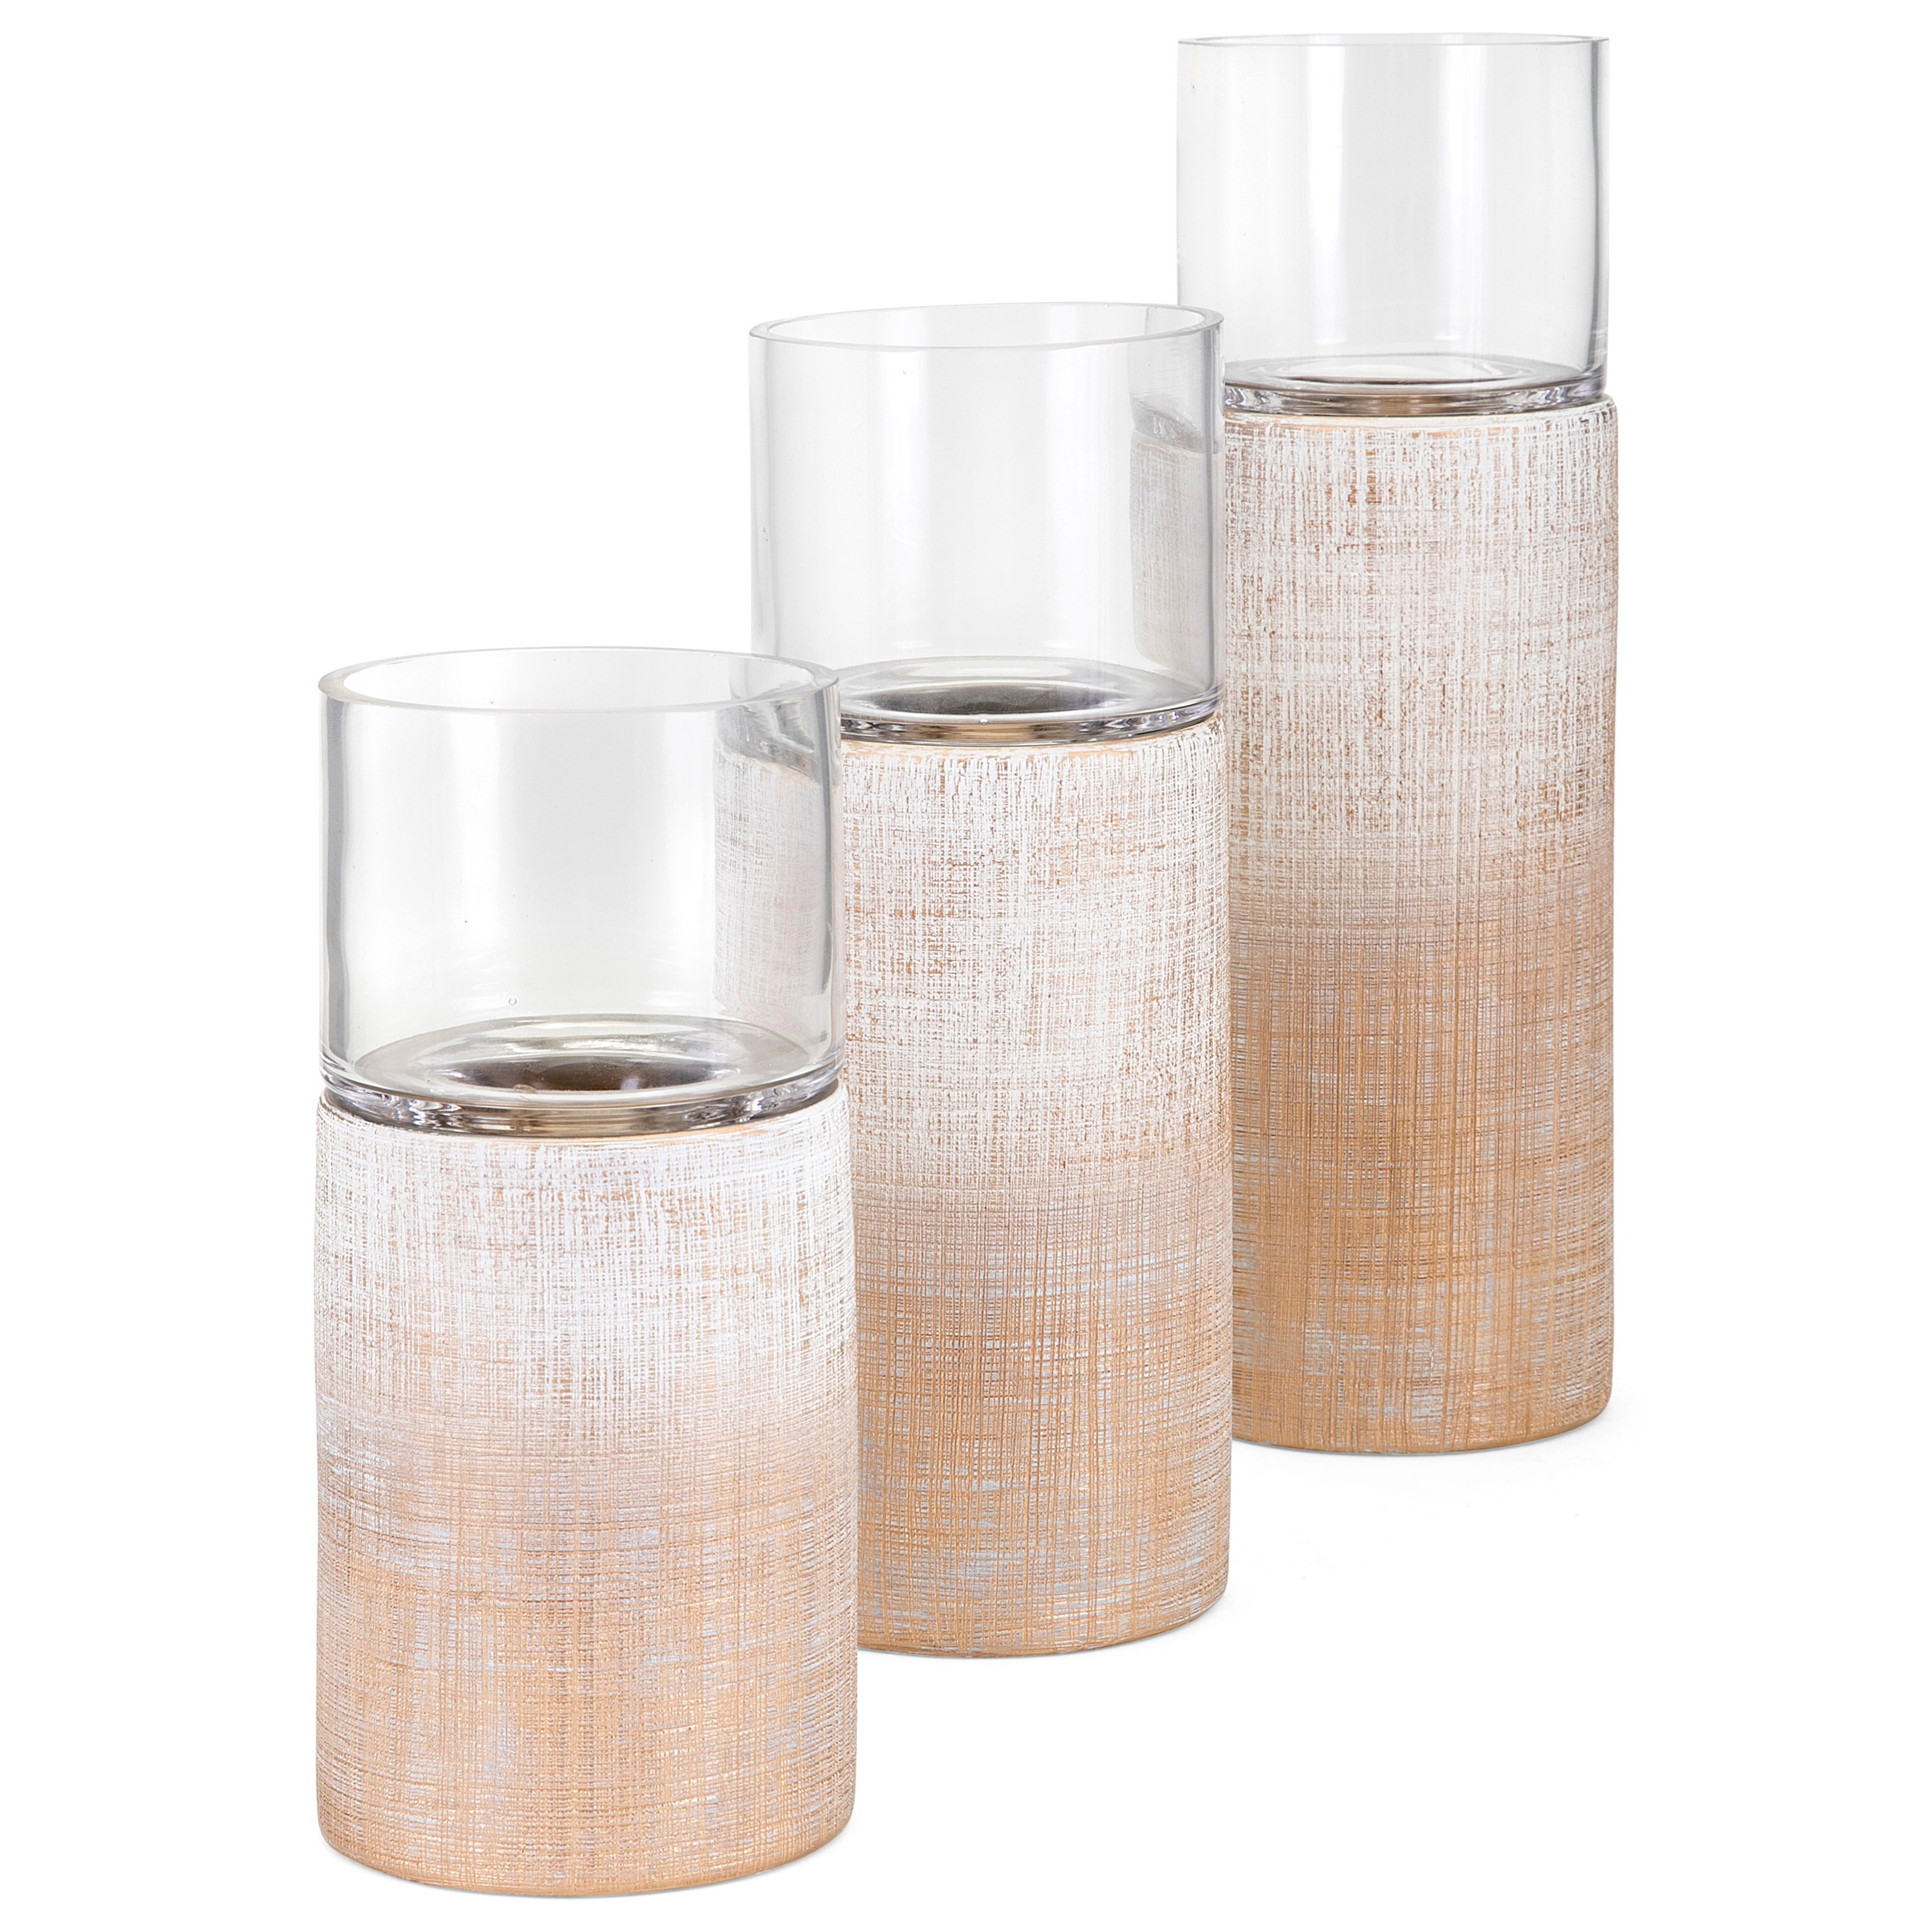 Arya Candleholders - Set of 3